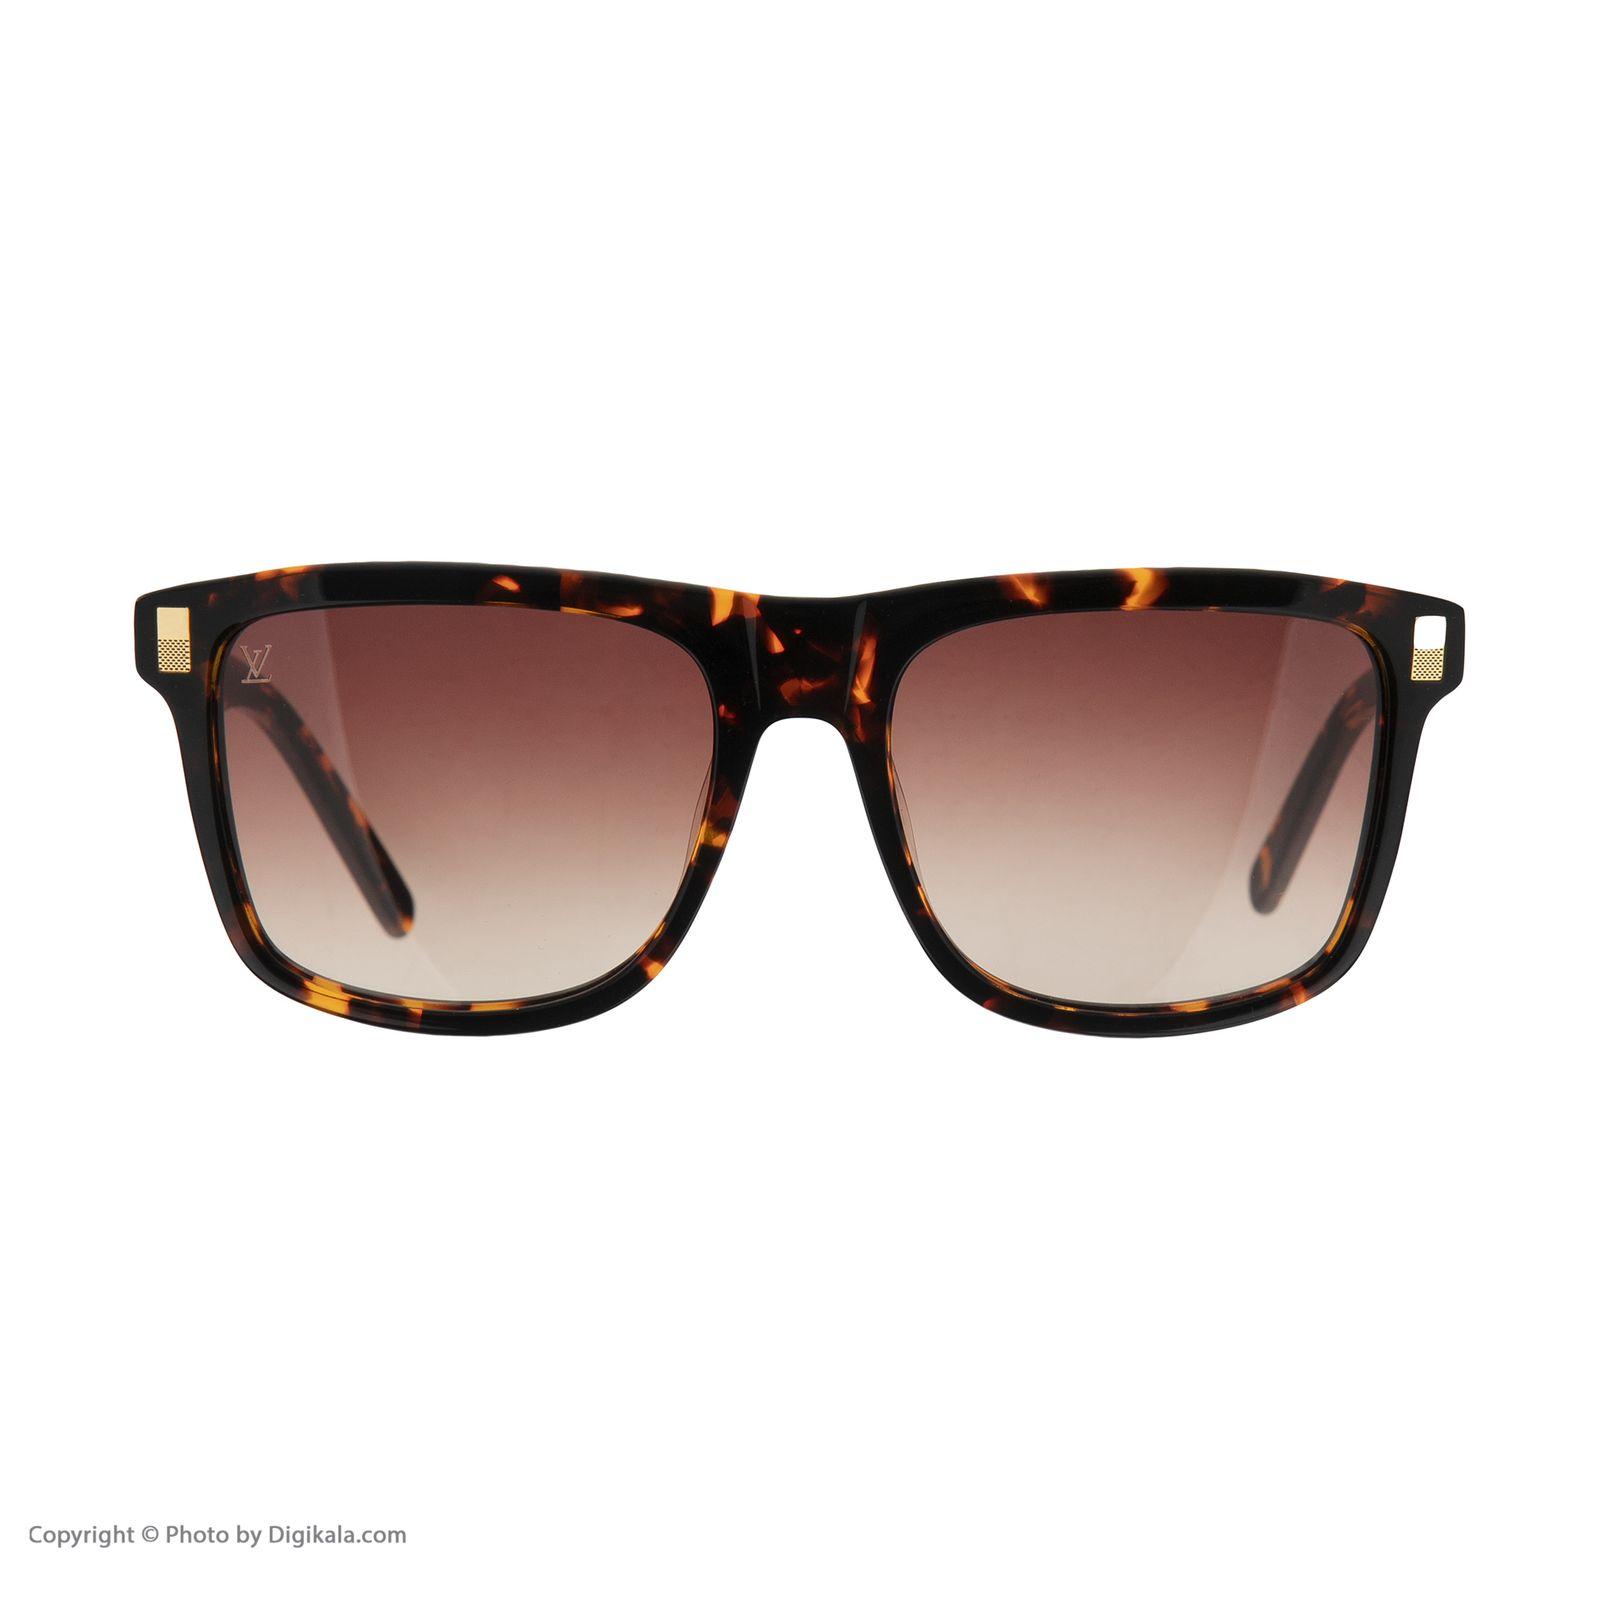 عینک آفتابی  مدل 2972 -  - 6